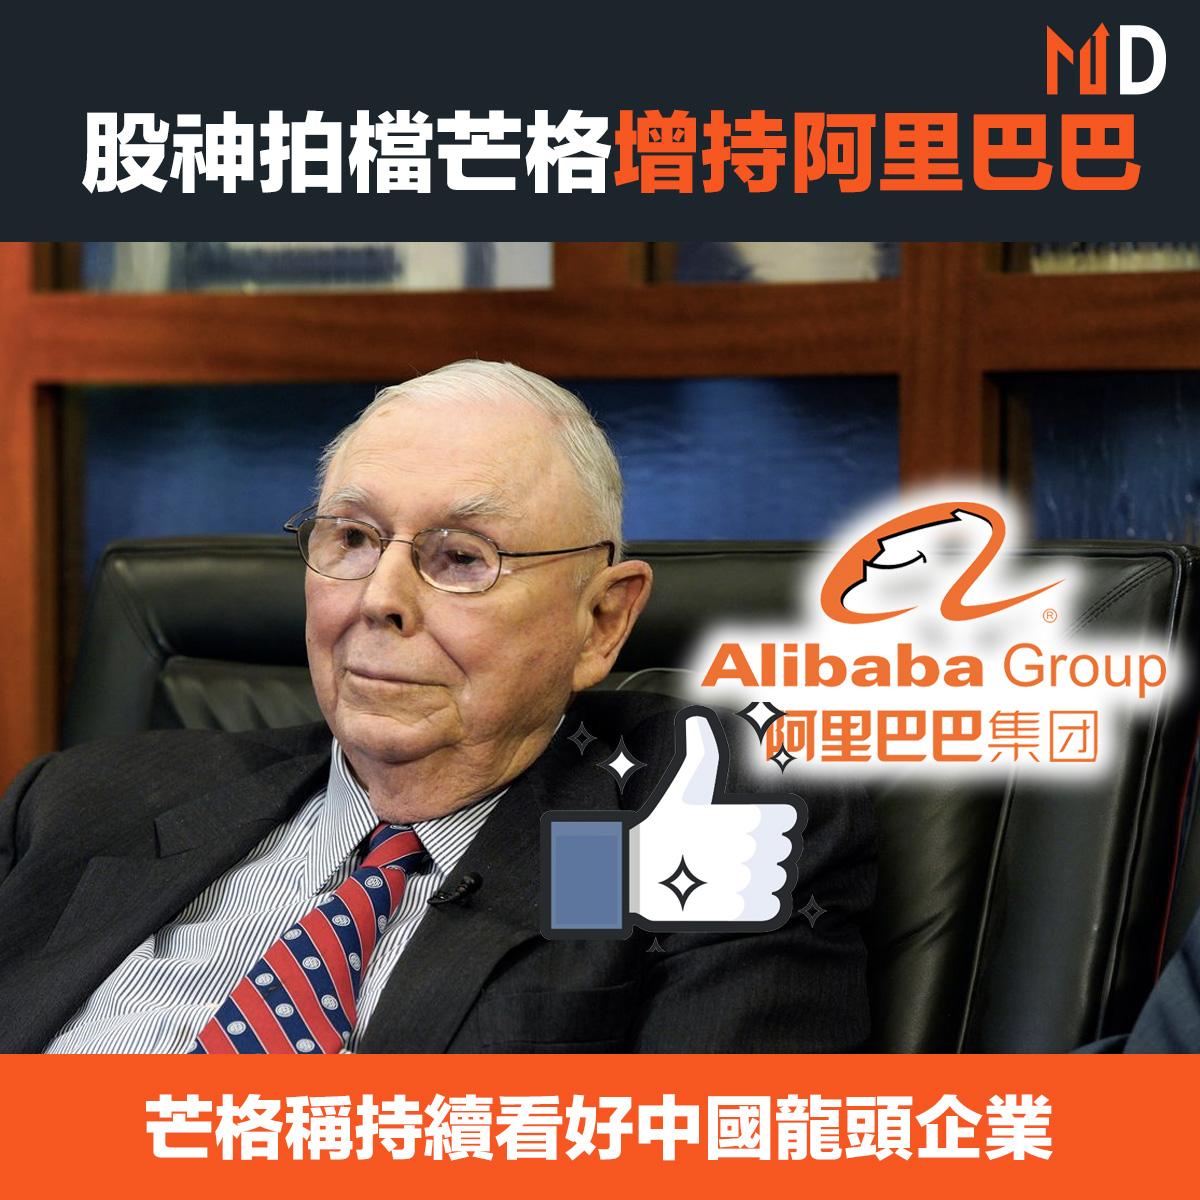 【市場熱話】股神拍檔芒格增持阿里巴巴,稱持續看好中國龍頭企業